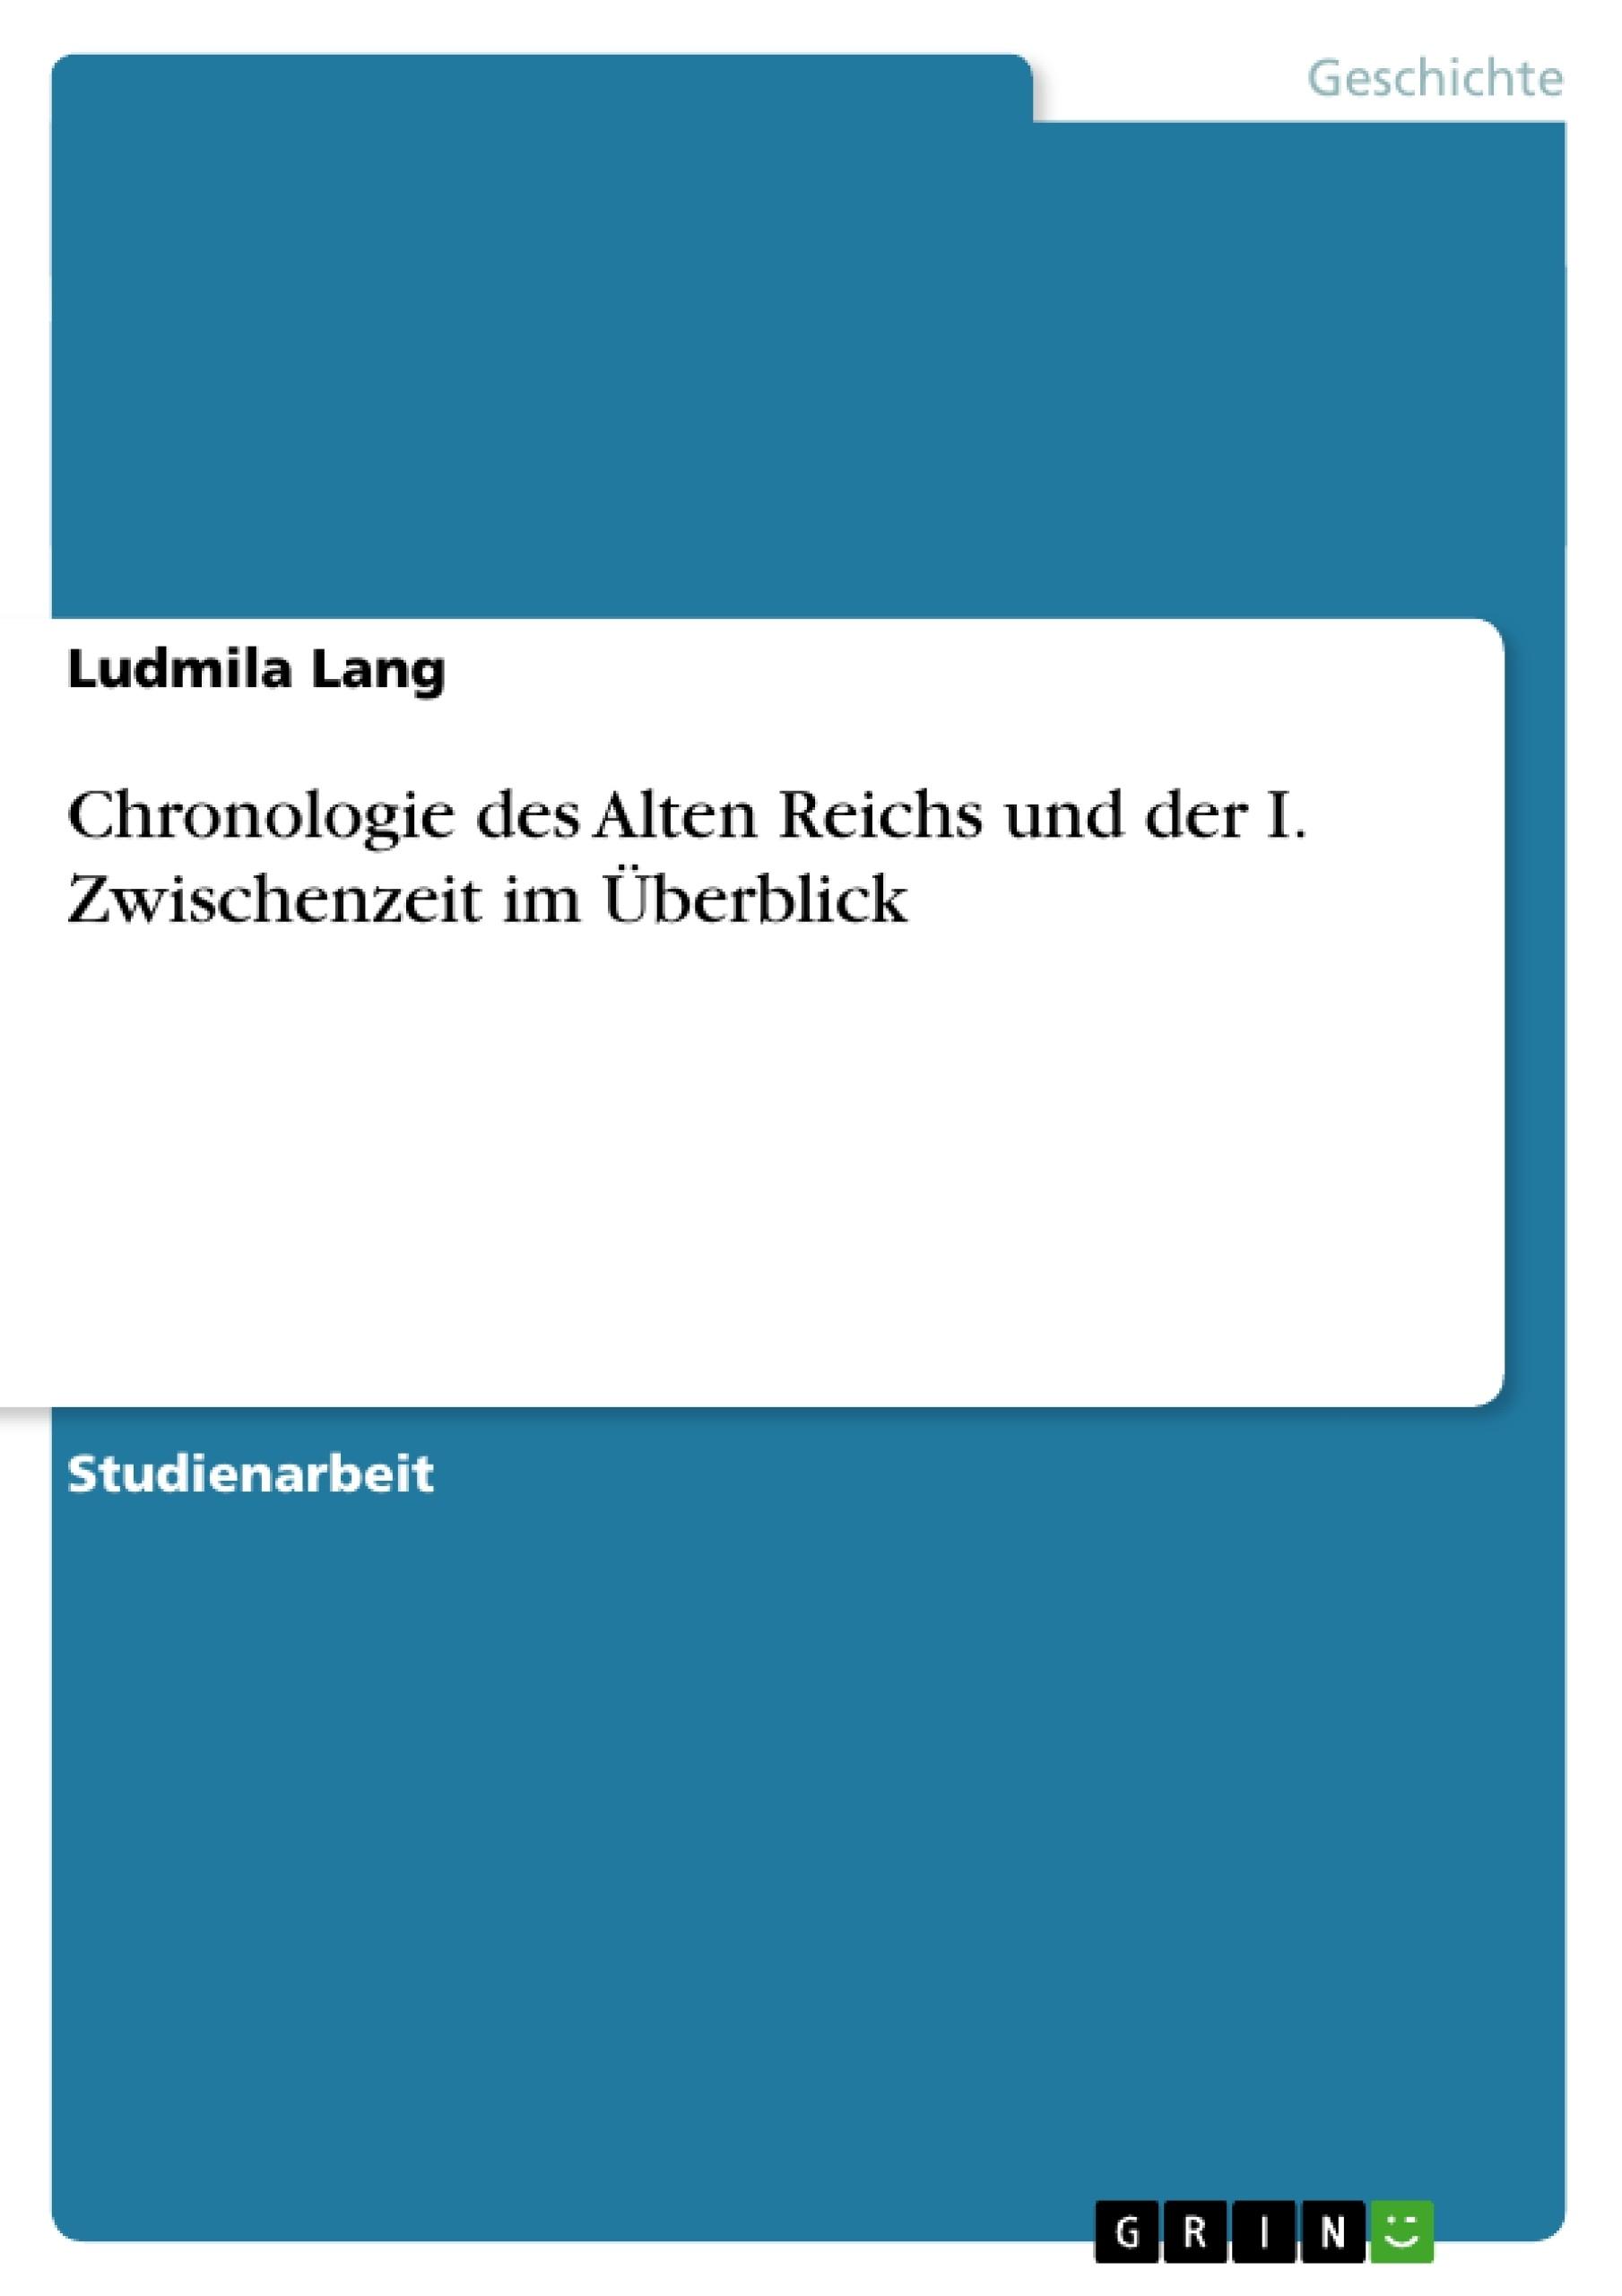 Titel: Chronologie des Alten Reichs und der I. Zwischenzeit im Überblick